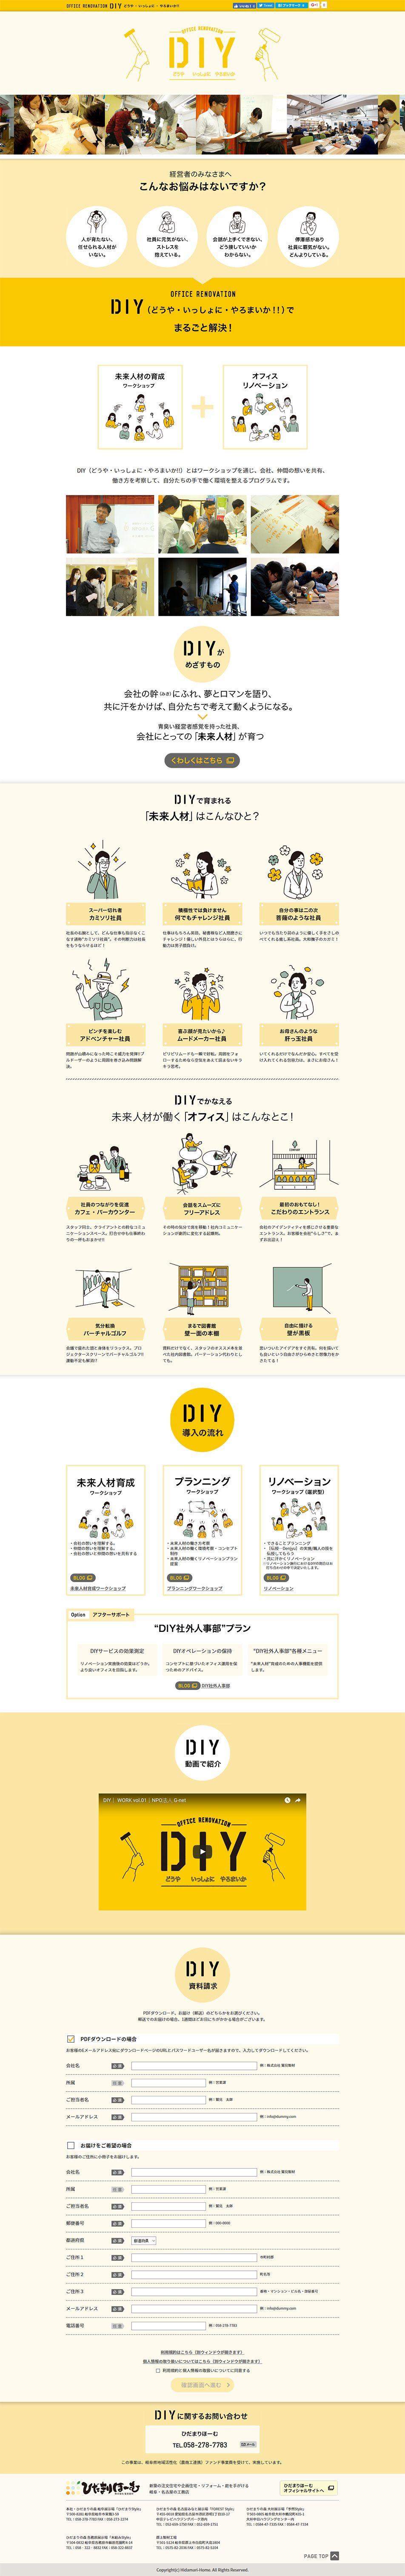 DIY|WEBデザイナーさん必見!ランディングページのデザイン参考に()